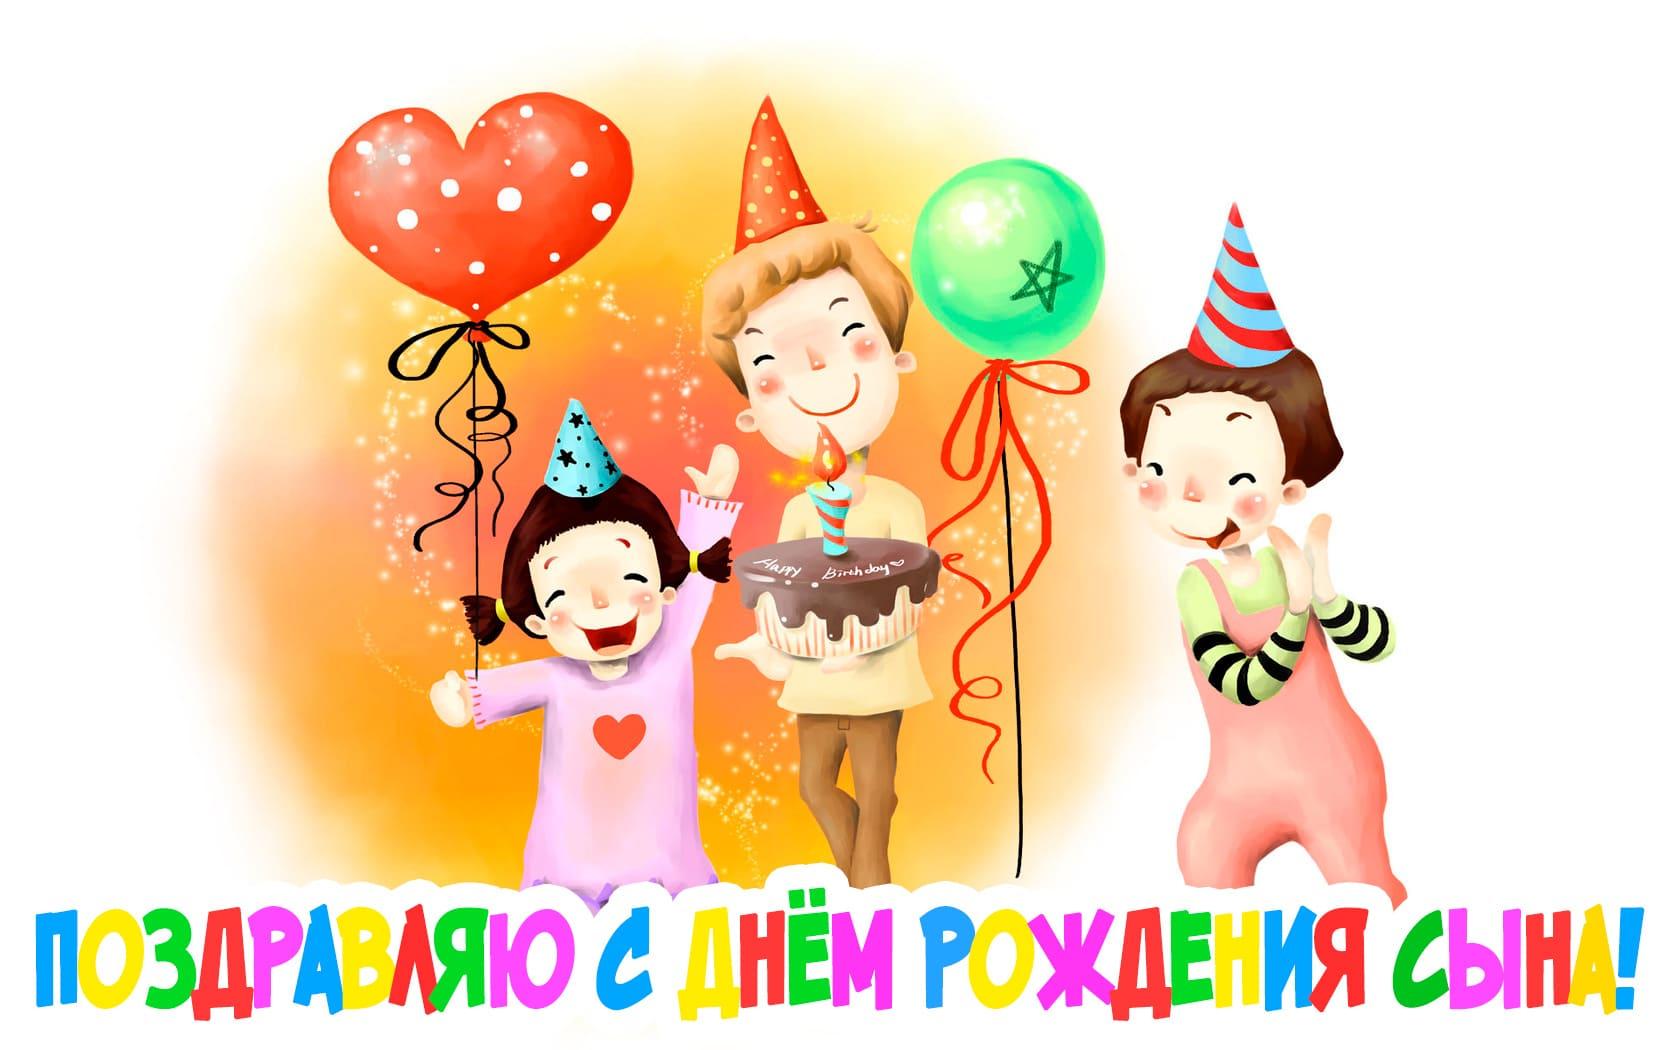 Изображение - Поздравление с рождением сына для мамы открытки pozdravlayu-s-dnem-rozhdeniya-sina-5